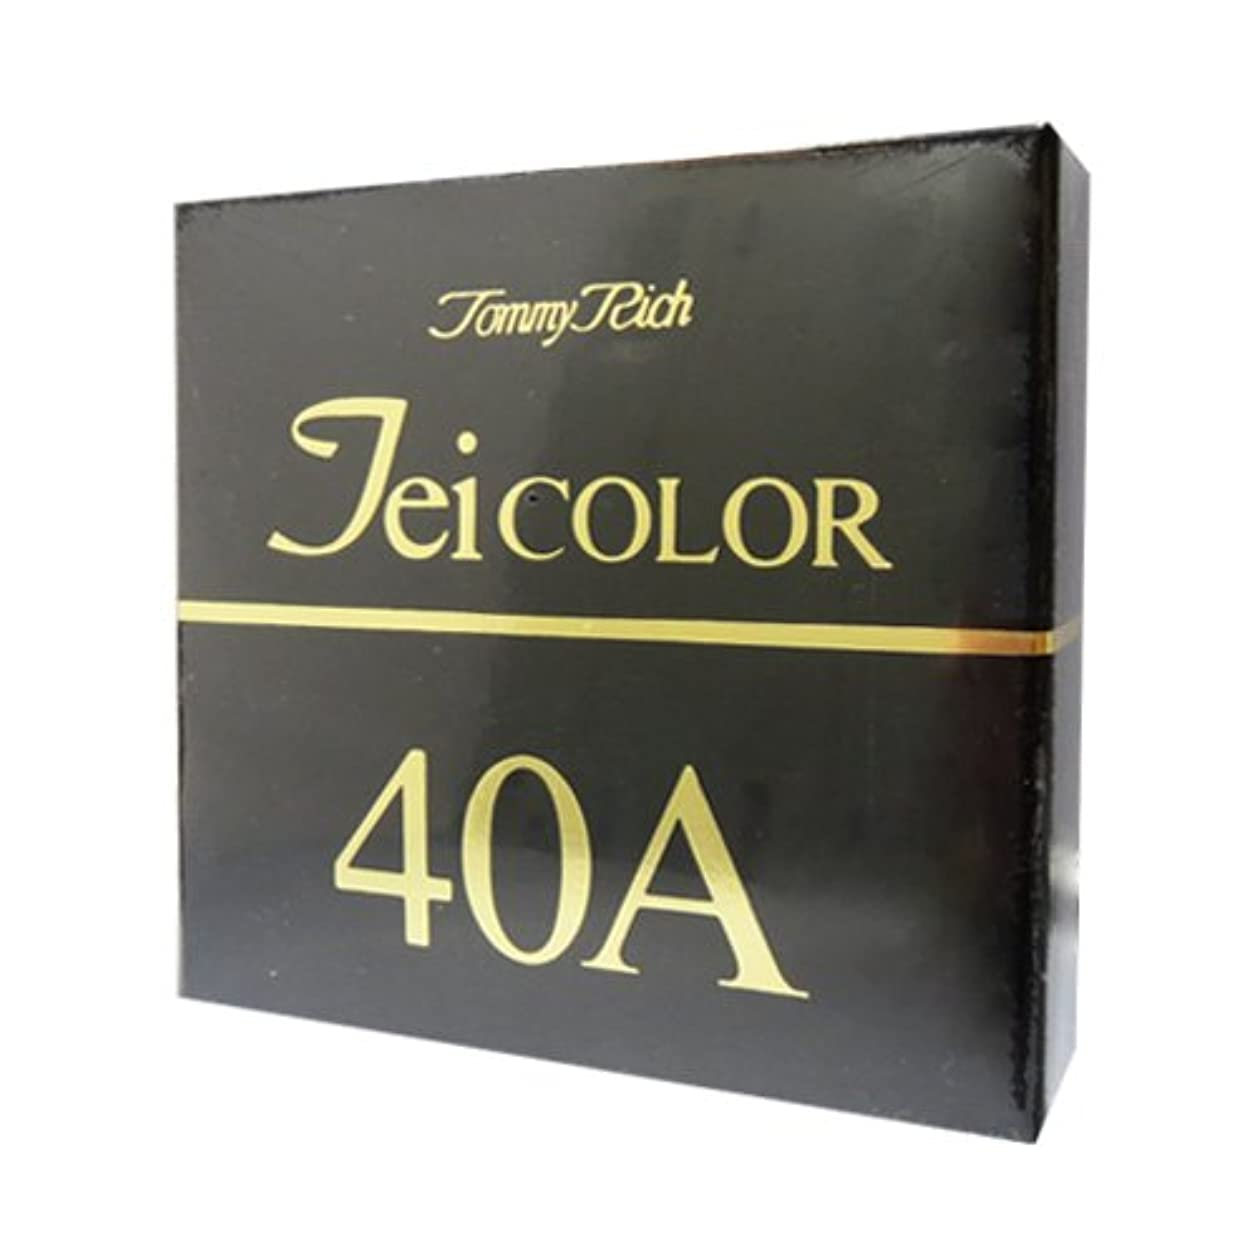 普通のではごきげんよう公トミーリッチ TEIカラー 40A(普通肌用)